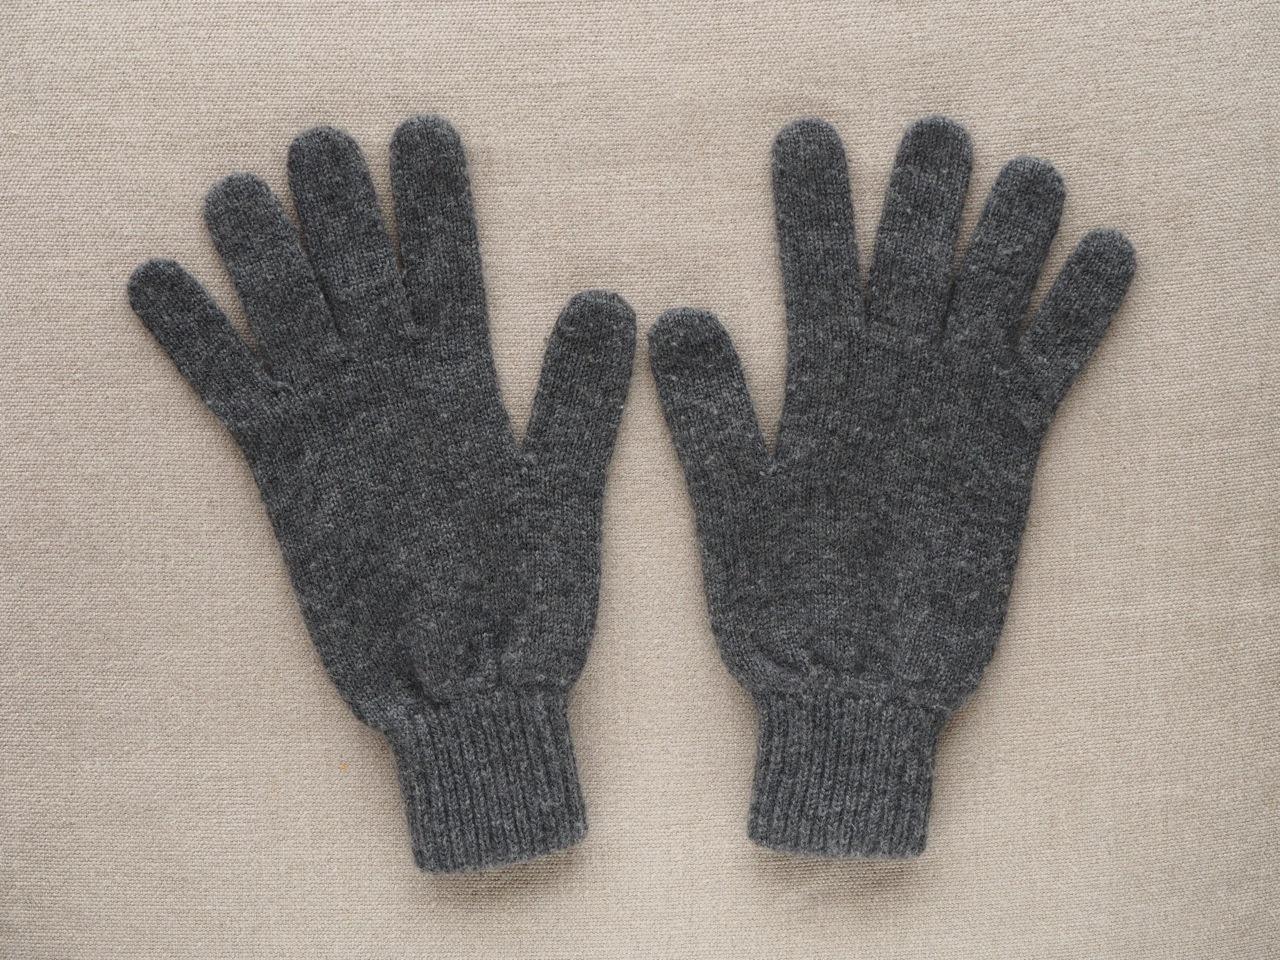 手袋は上等の軍手が良い理由